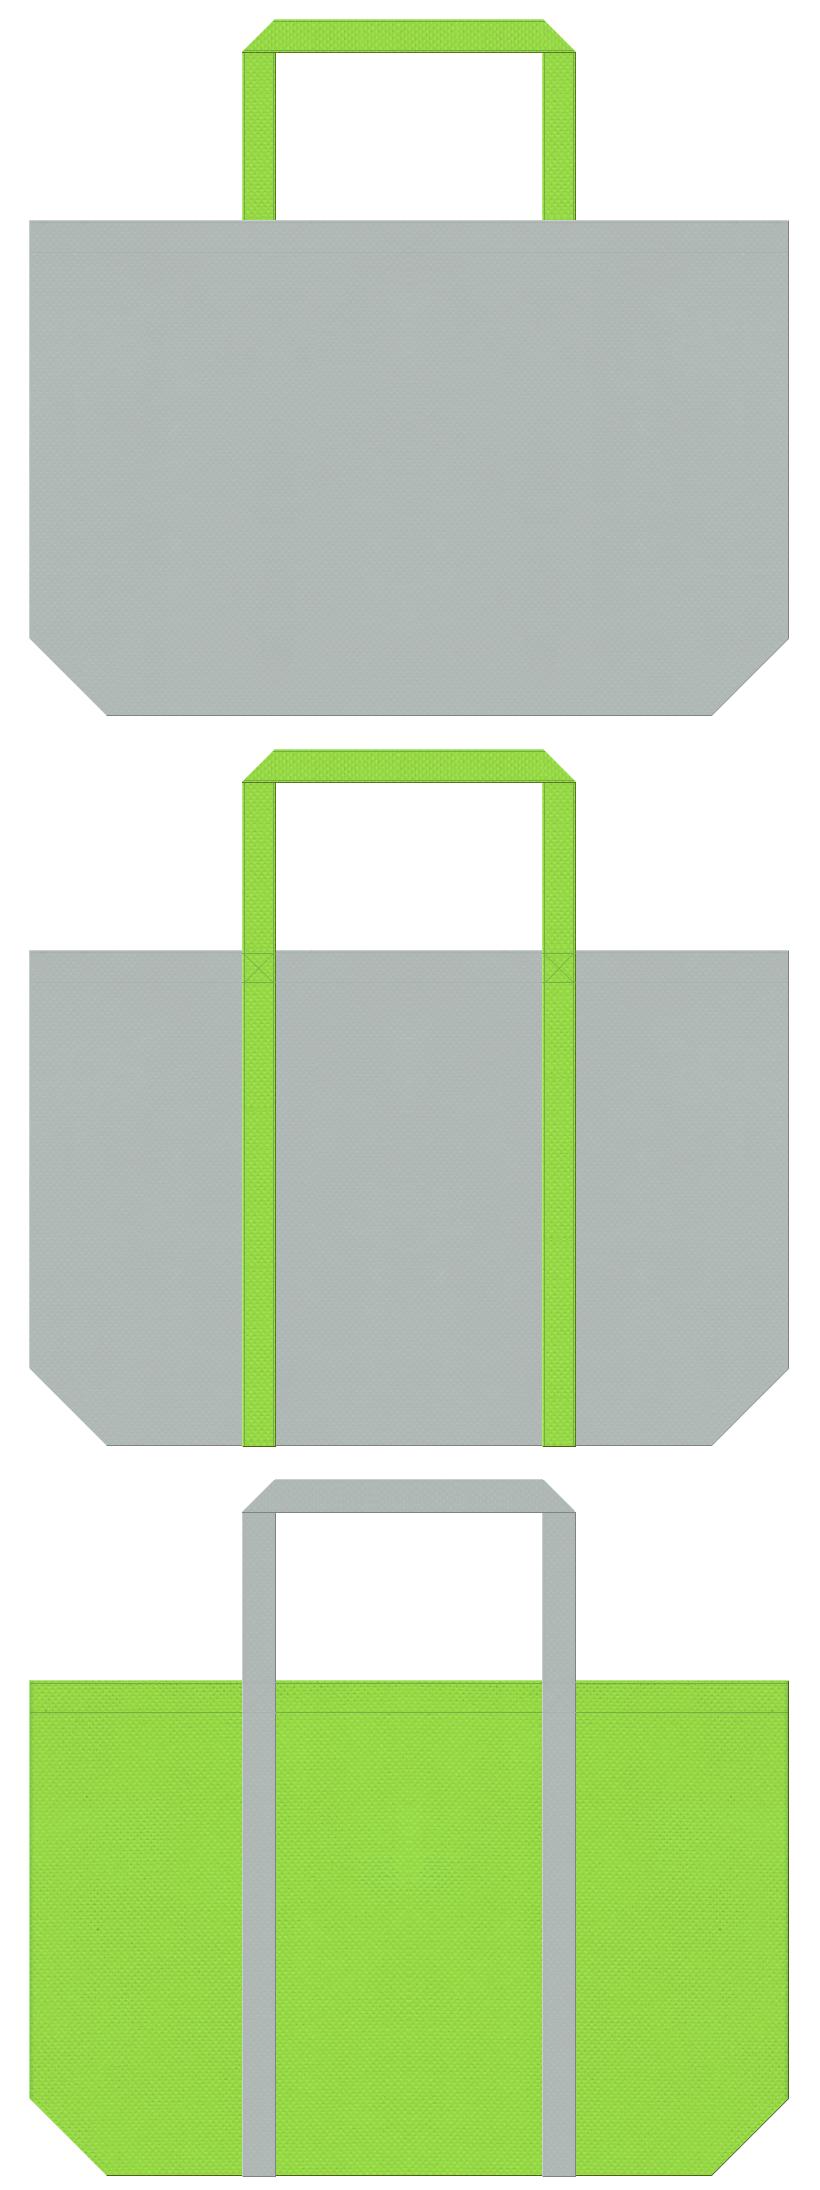 グレー色と黄緑色の不織布エコバッグのデザイン。屋上緑化・壁面緑化・ガーデニング用品の展示会用バッグにお奨めの配色です。